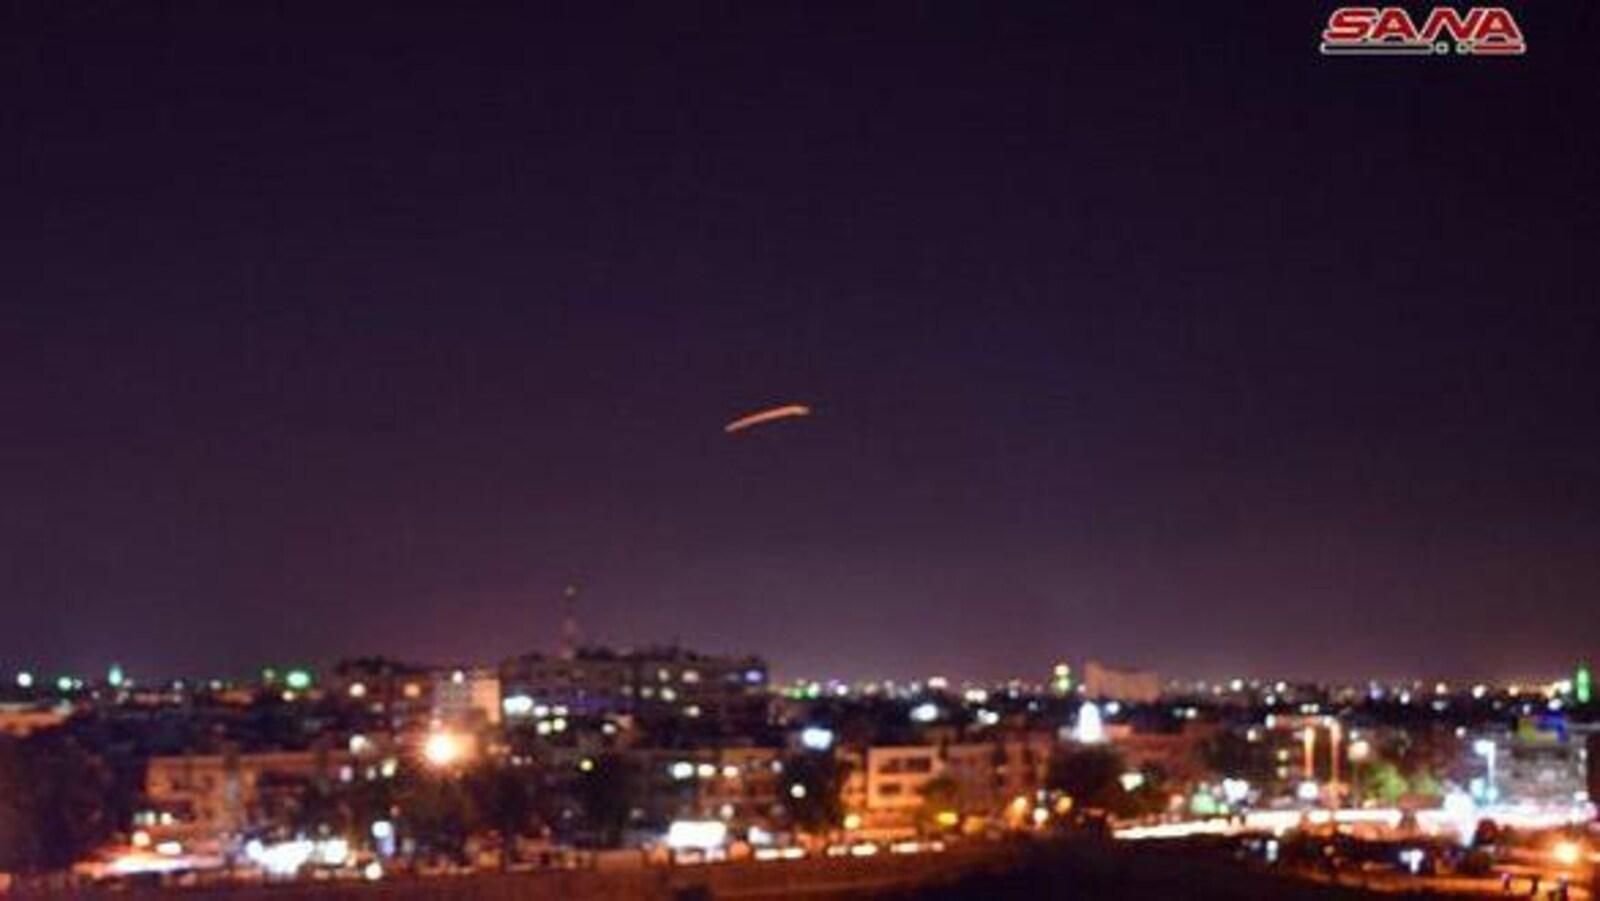 Damas est éclairée par les lumières de la ville. En pleine nuit, un tir de missile est visible dans le ciel, au loin.